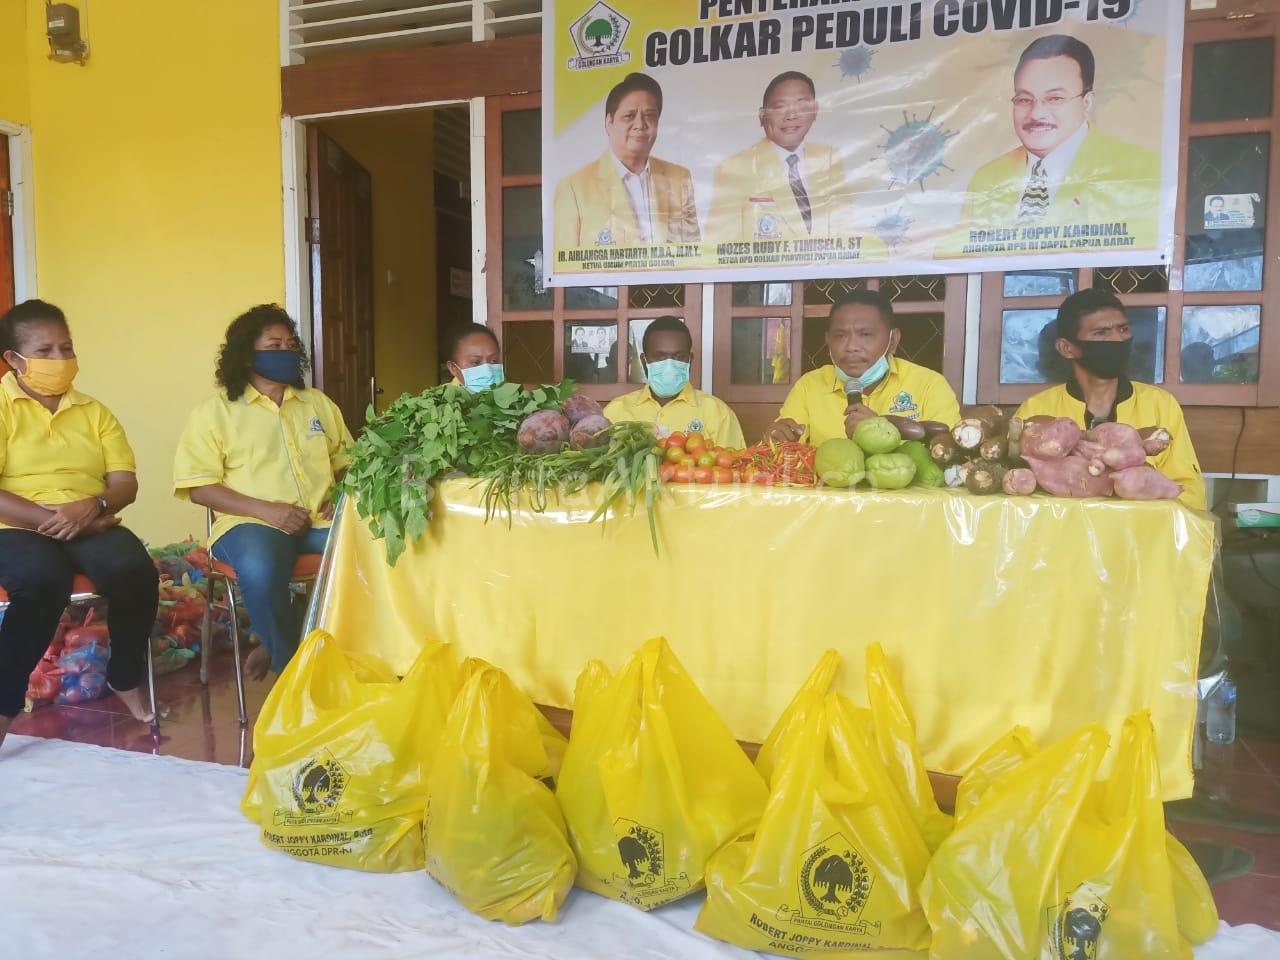 DPD Partai Golkar Papua Barat Bagi 1.000 Paket Pangan Lokal Untuk Masyarakat Manokwari 3 IMG 20200515 WA0036